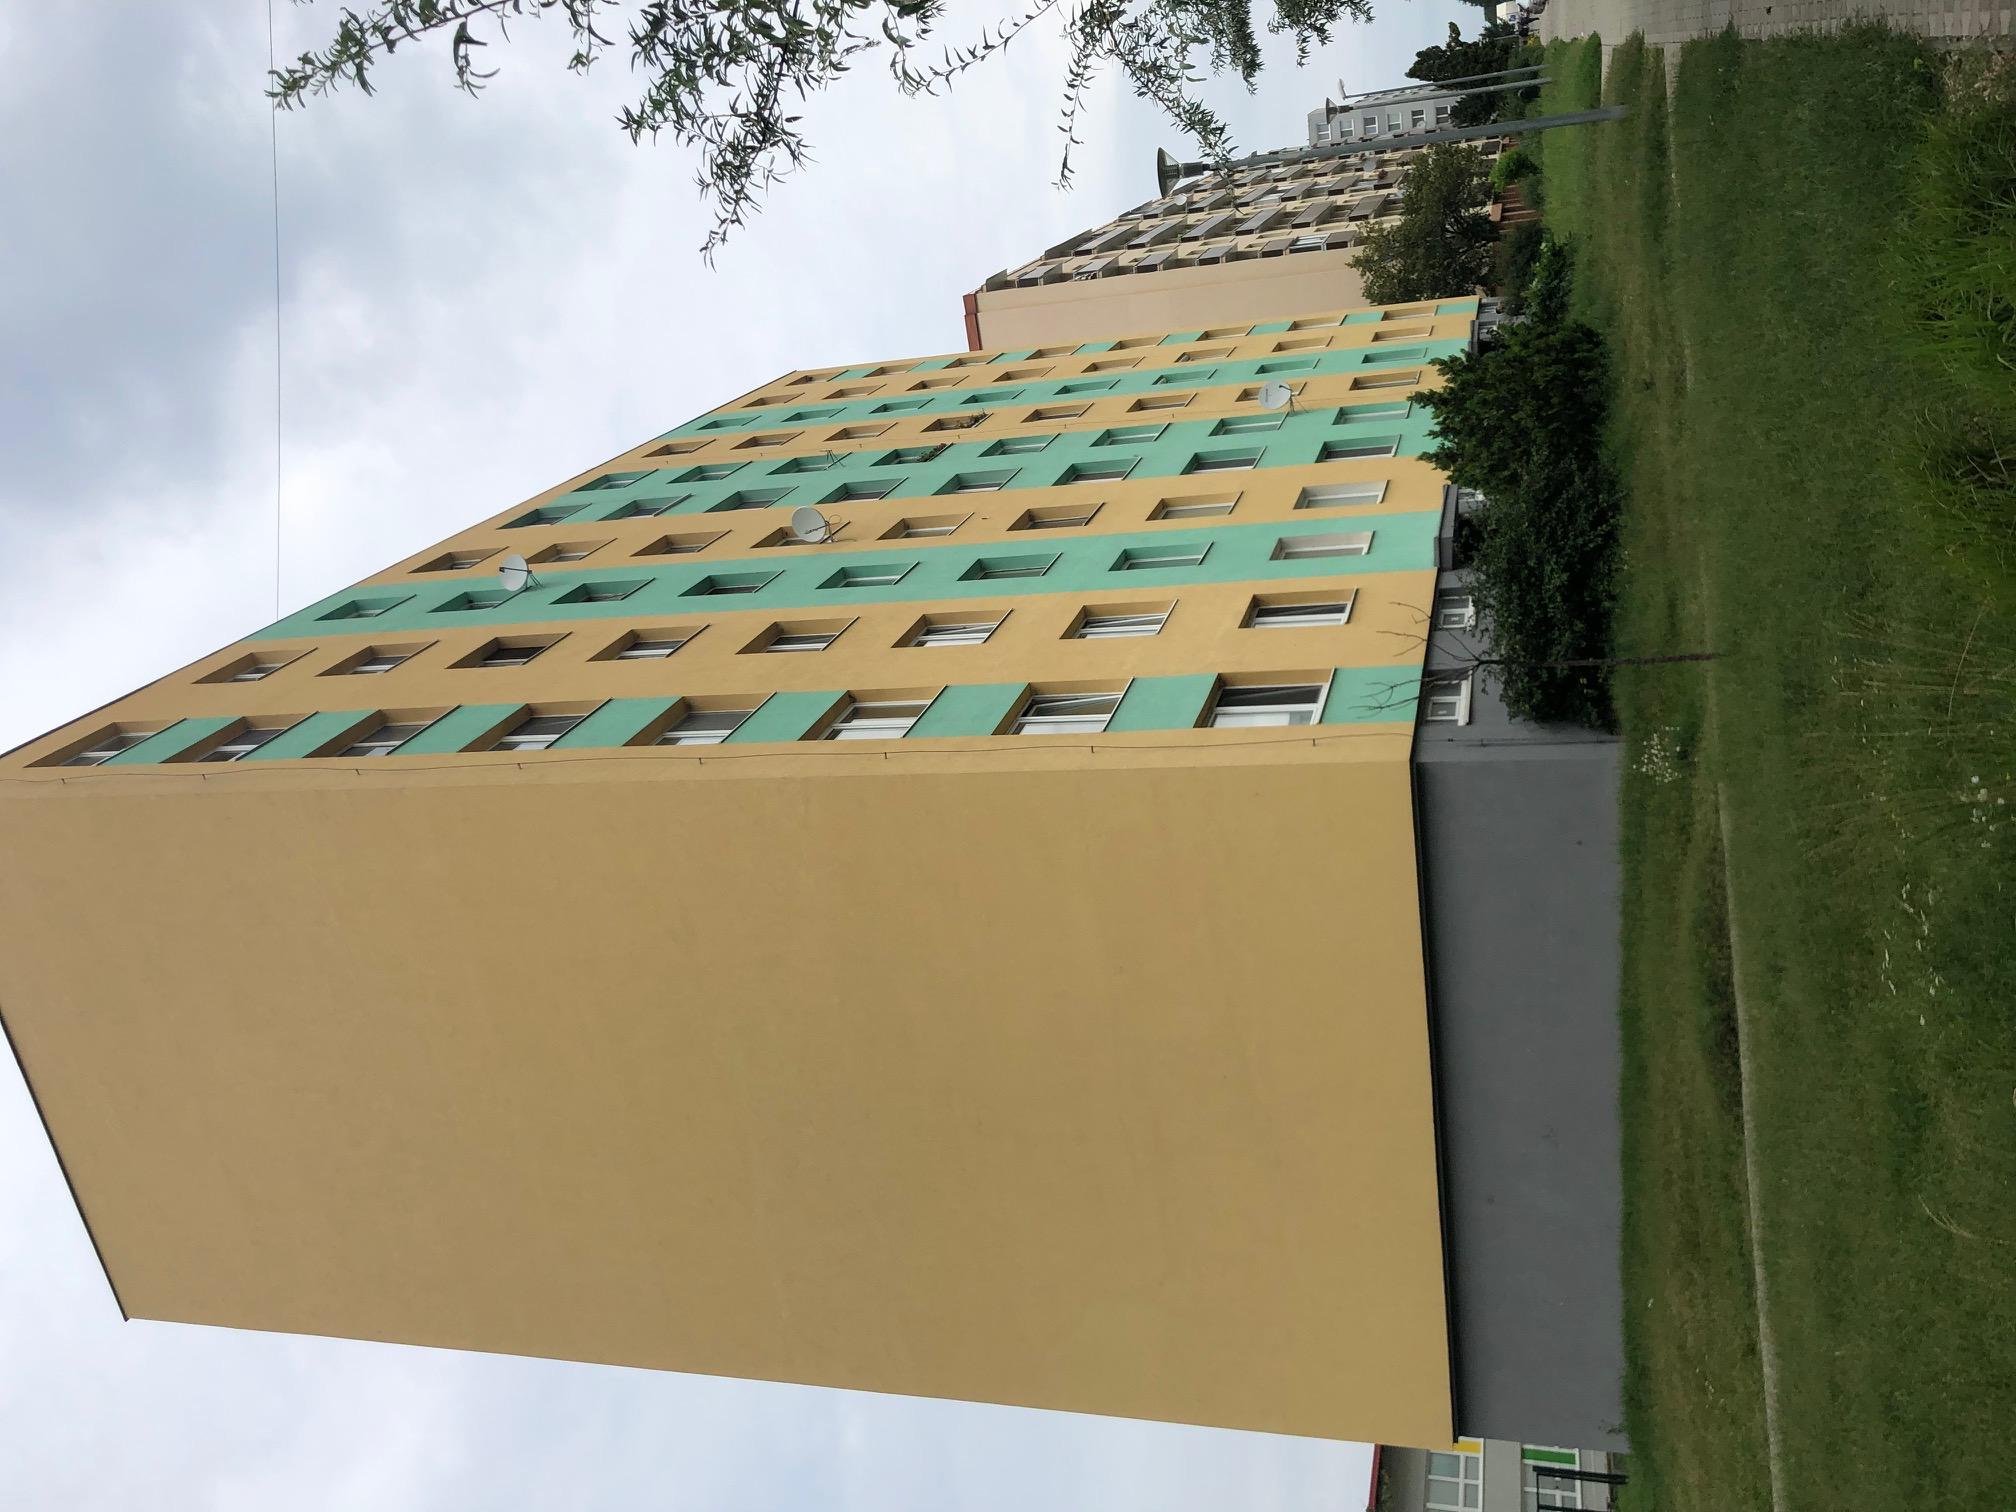 Predané: 2 izbový byt, 52m2, pivnica, pôvodný stav, Skuteckého, Malacky Juh-30